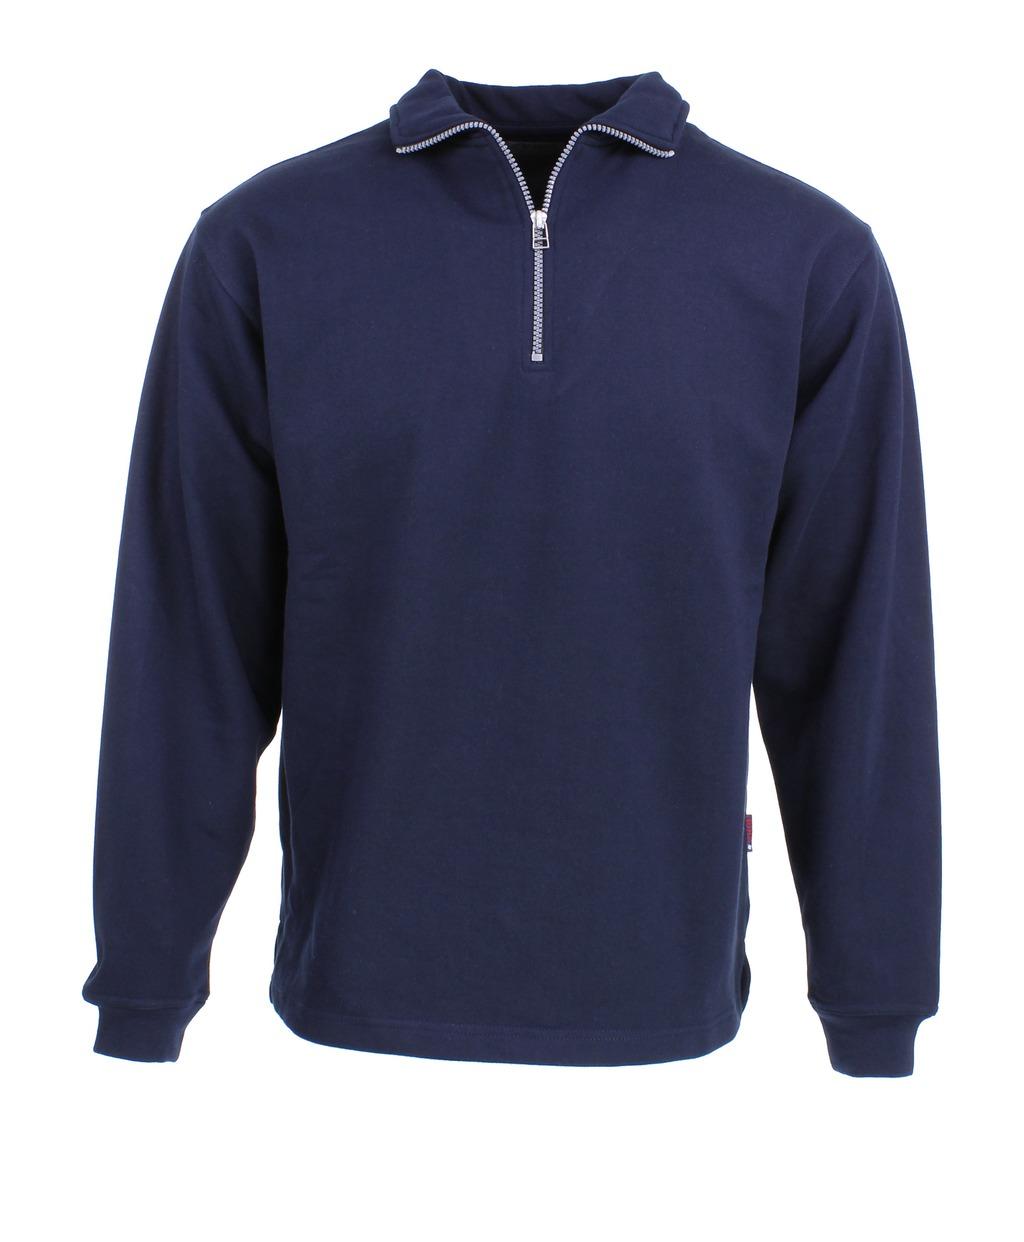 BERK Zip Sweater